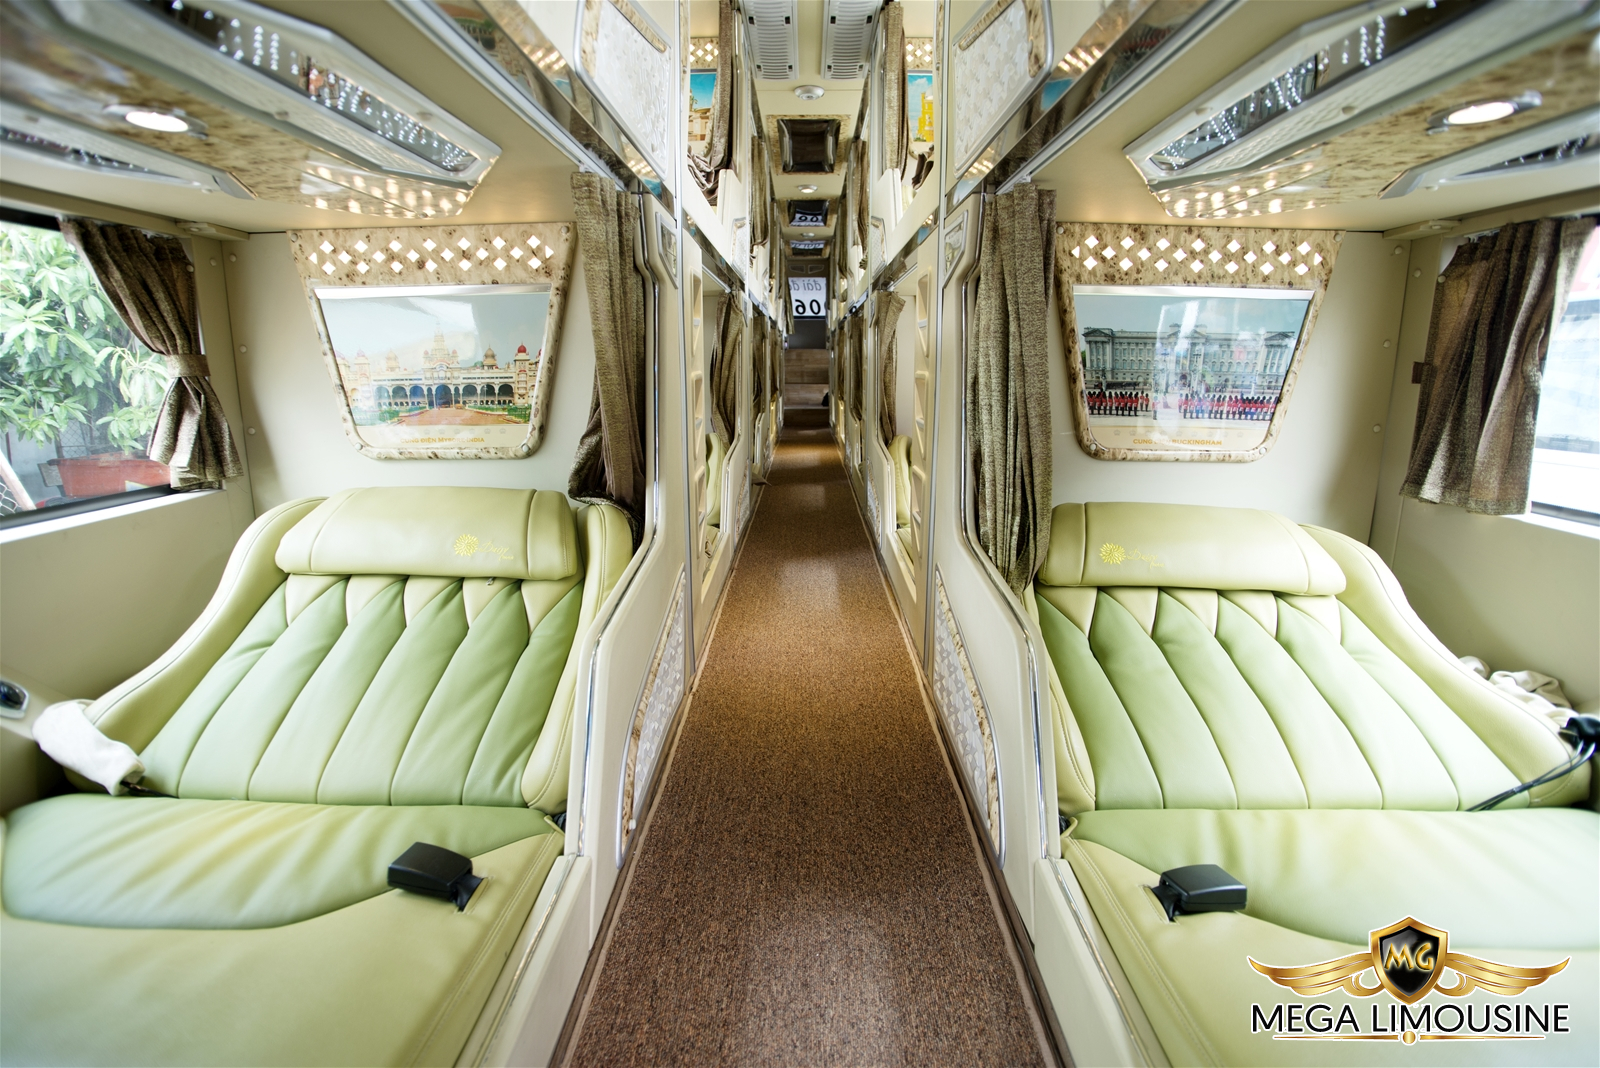 Hãng xe Cúc Tùng Limousine - Xe Đà Nẵng Quy Nhơn - Phòng nằm cao cấp cho một hành trình đầy êm ái